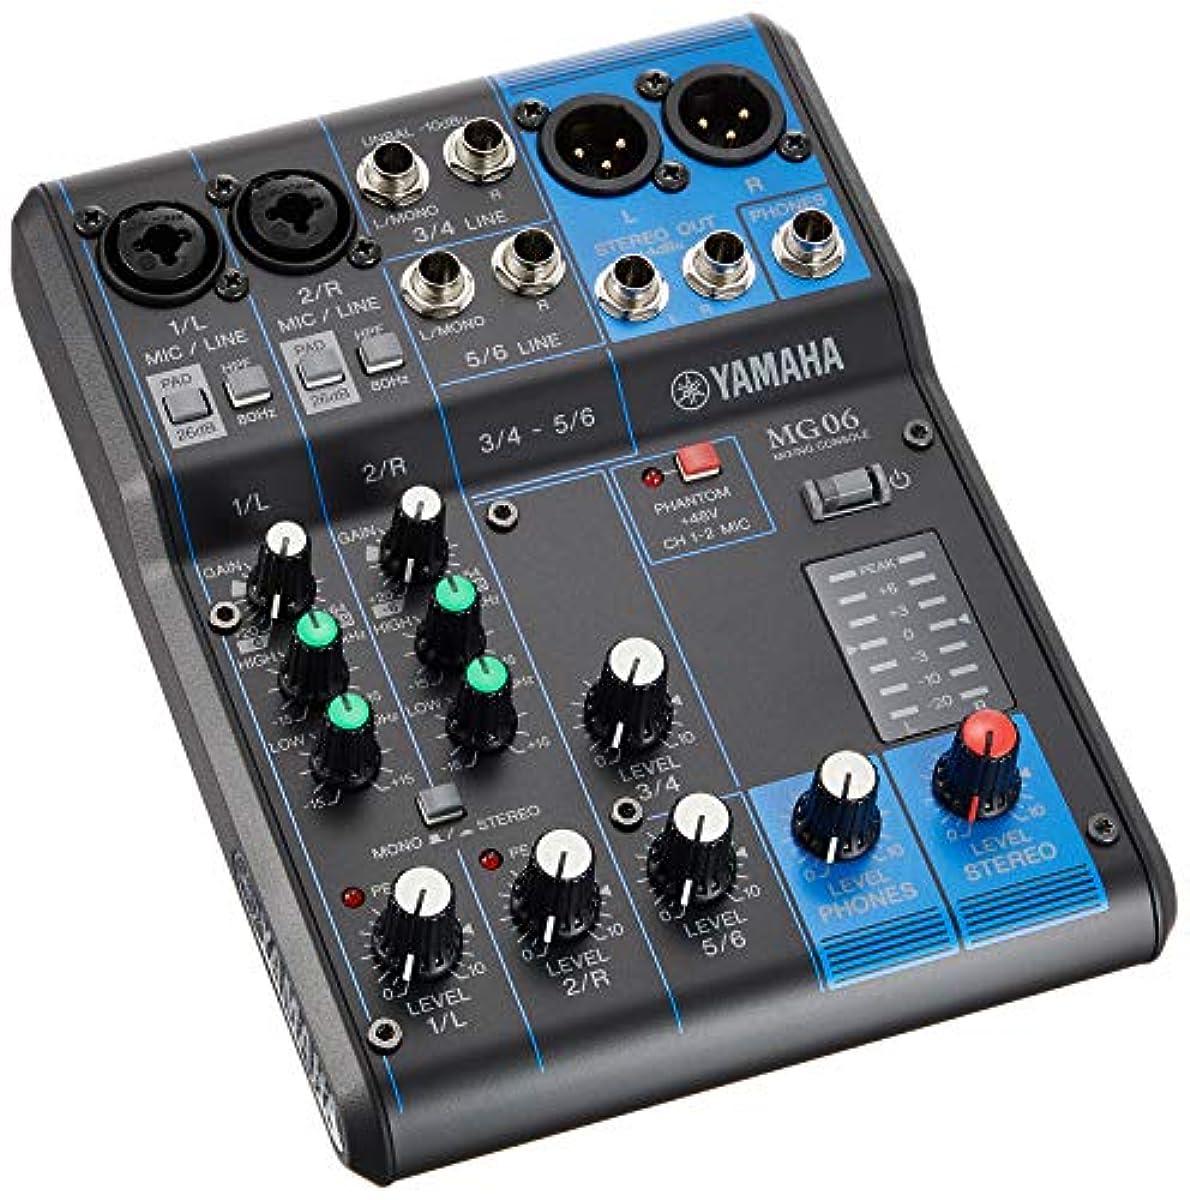 [해외] 야마하 YAMAHA 6채널 믹싱 콘솔 MG06 최최대2 MIC / 6 LINE입력 마이크 앰프「D-PRE」탑재 견고한 메탈 샤시